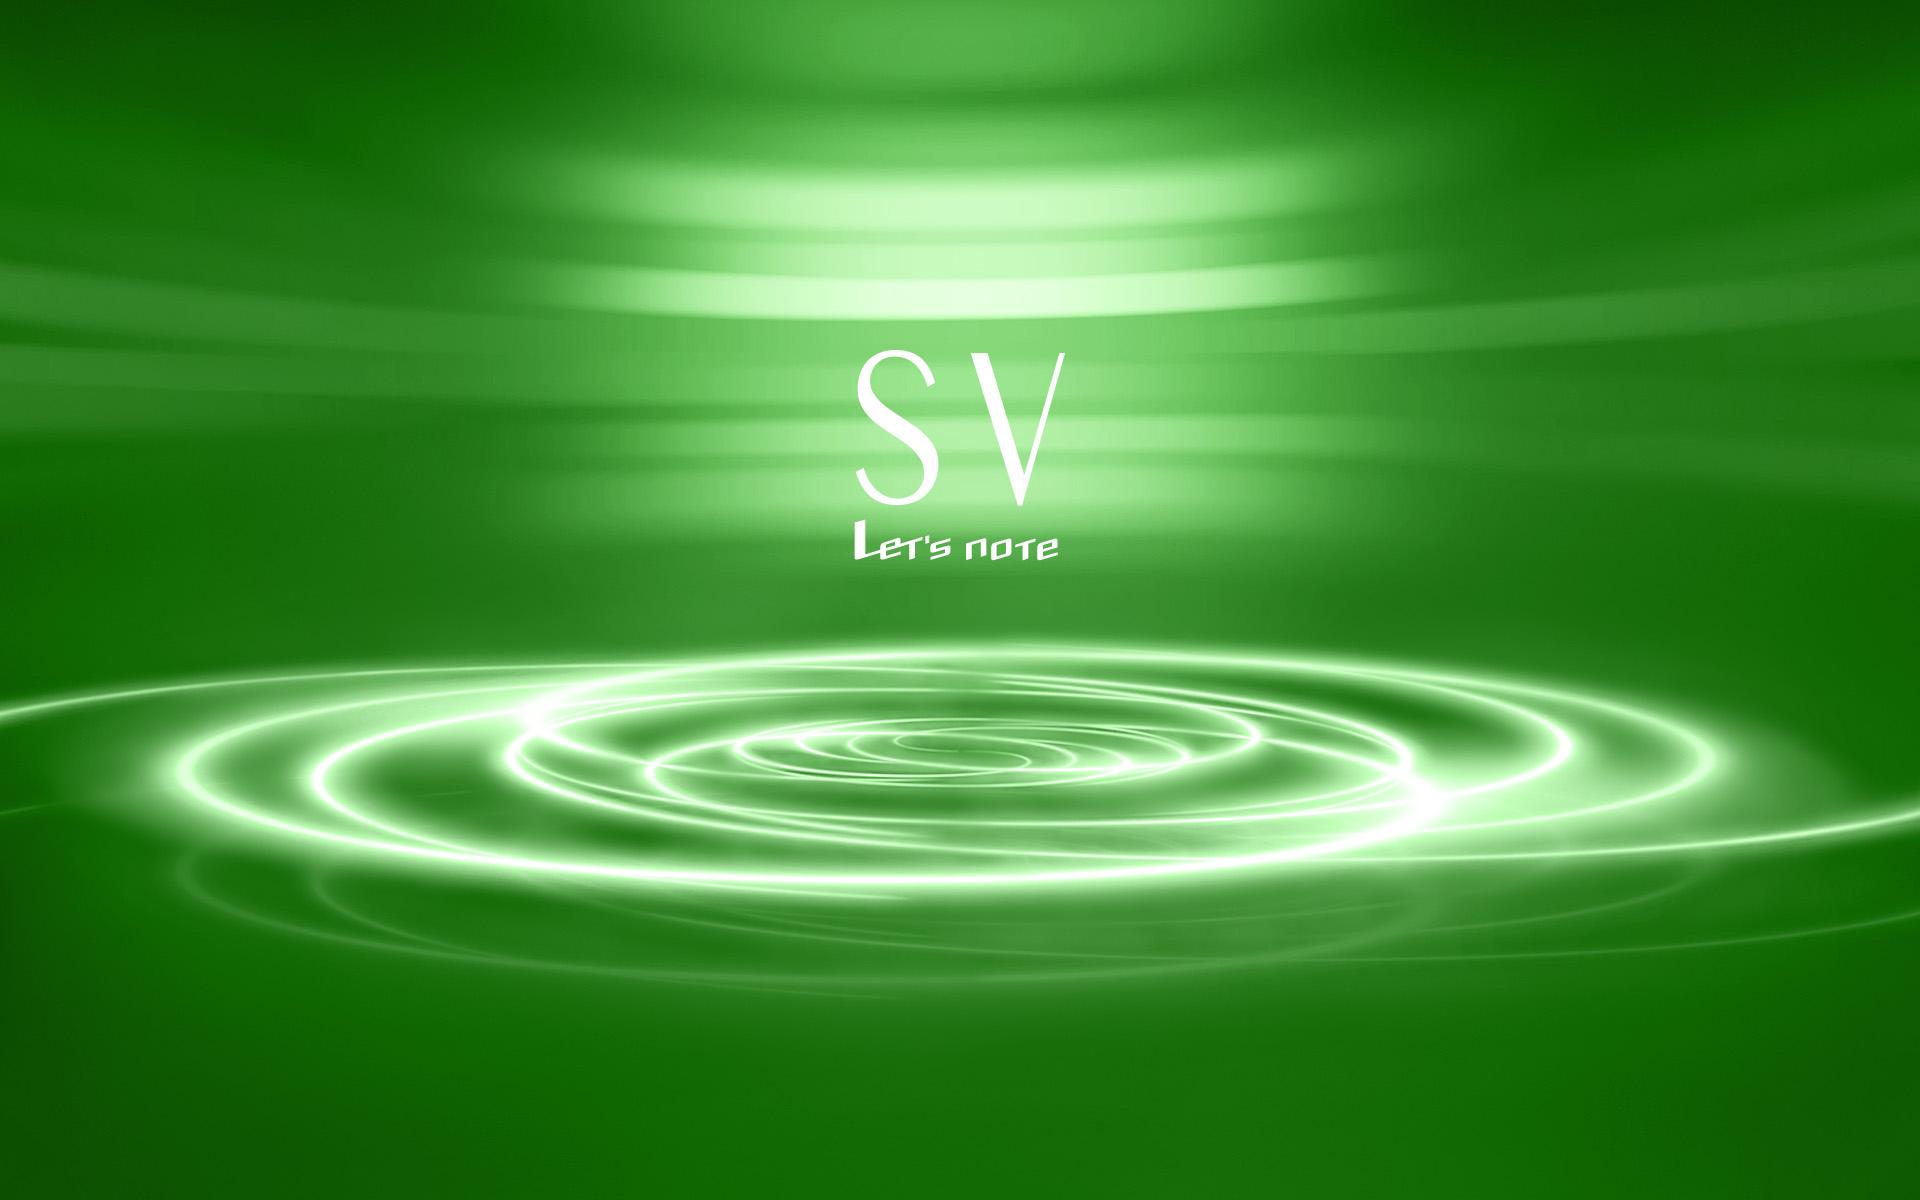 SVシリーズの壁紙です。